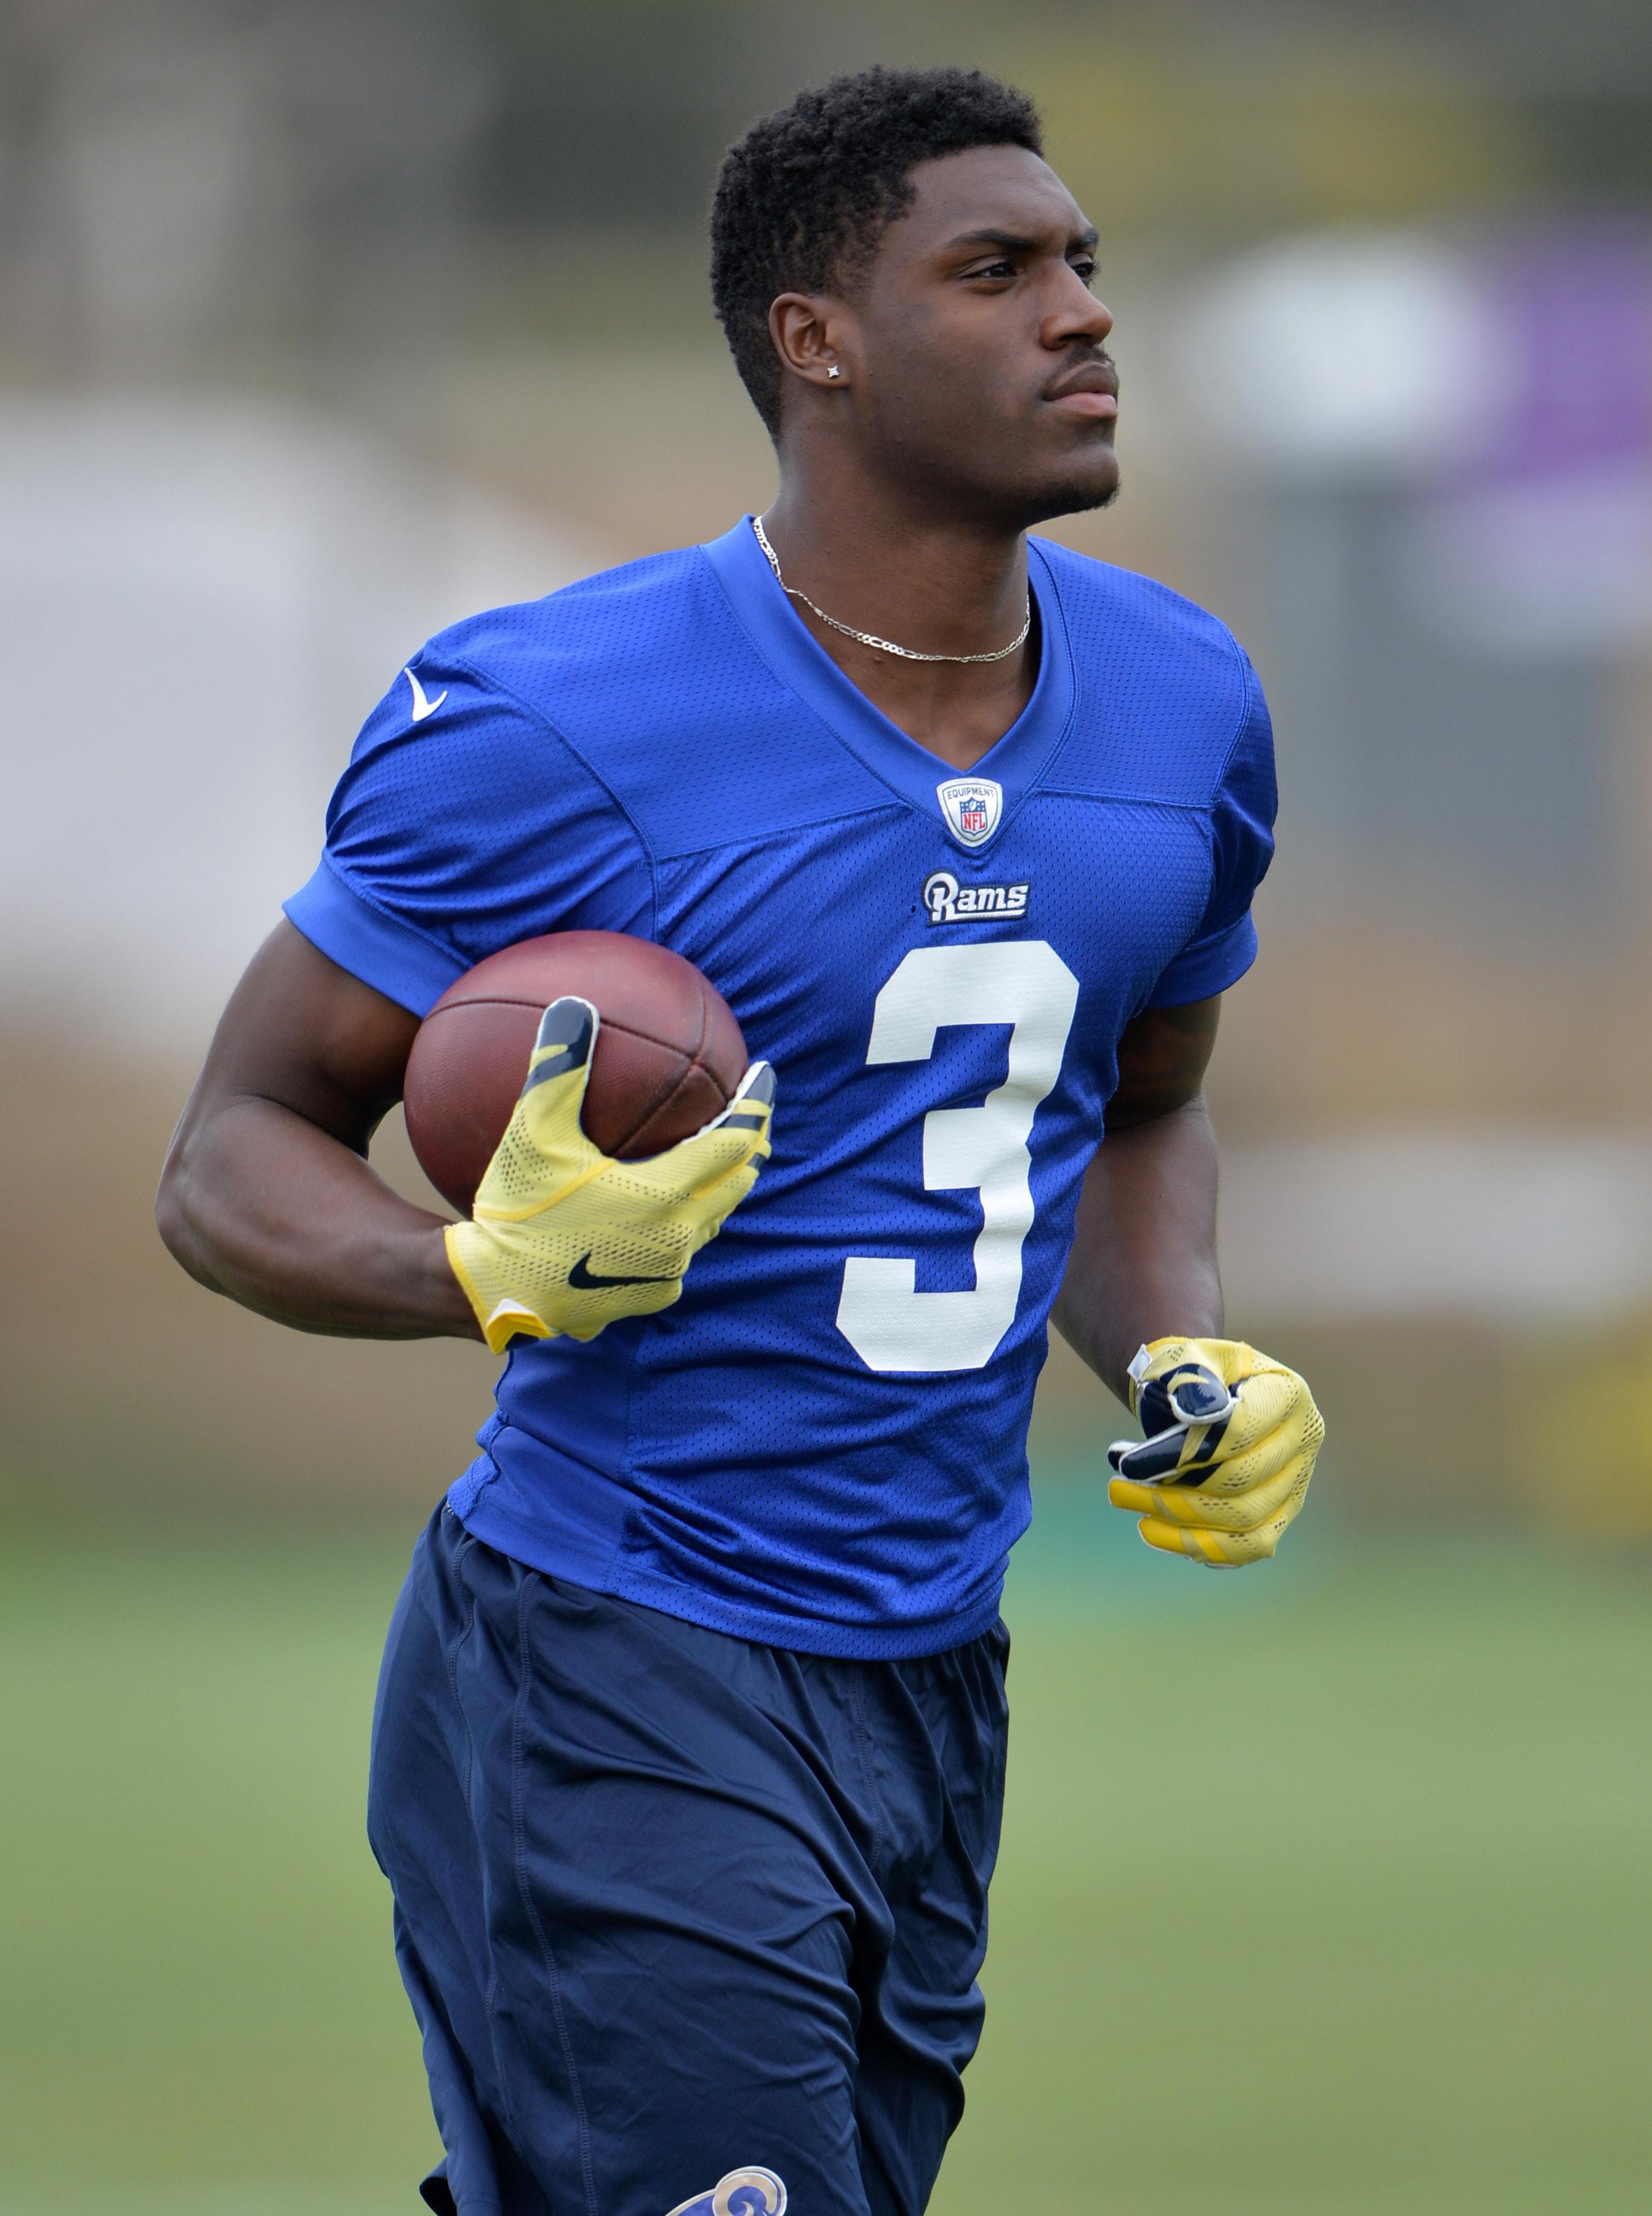 Los Angeles Rams WR Marquez North